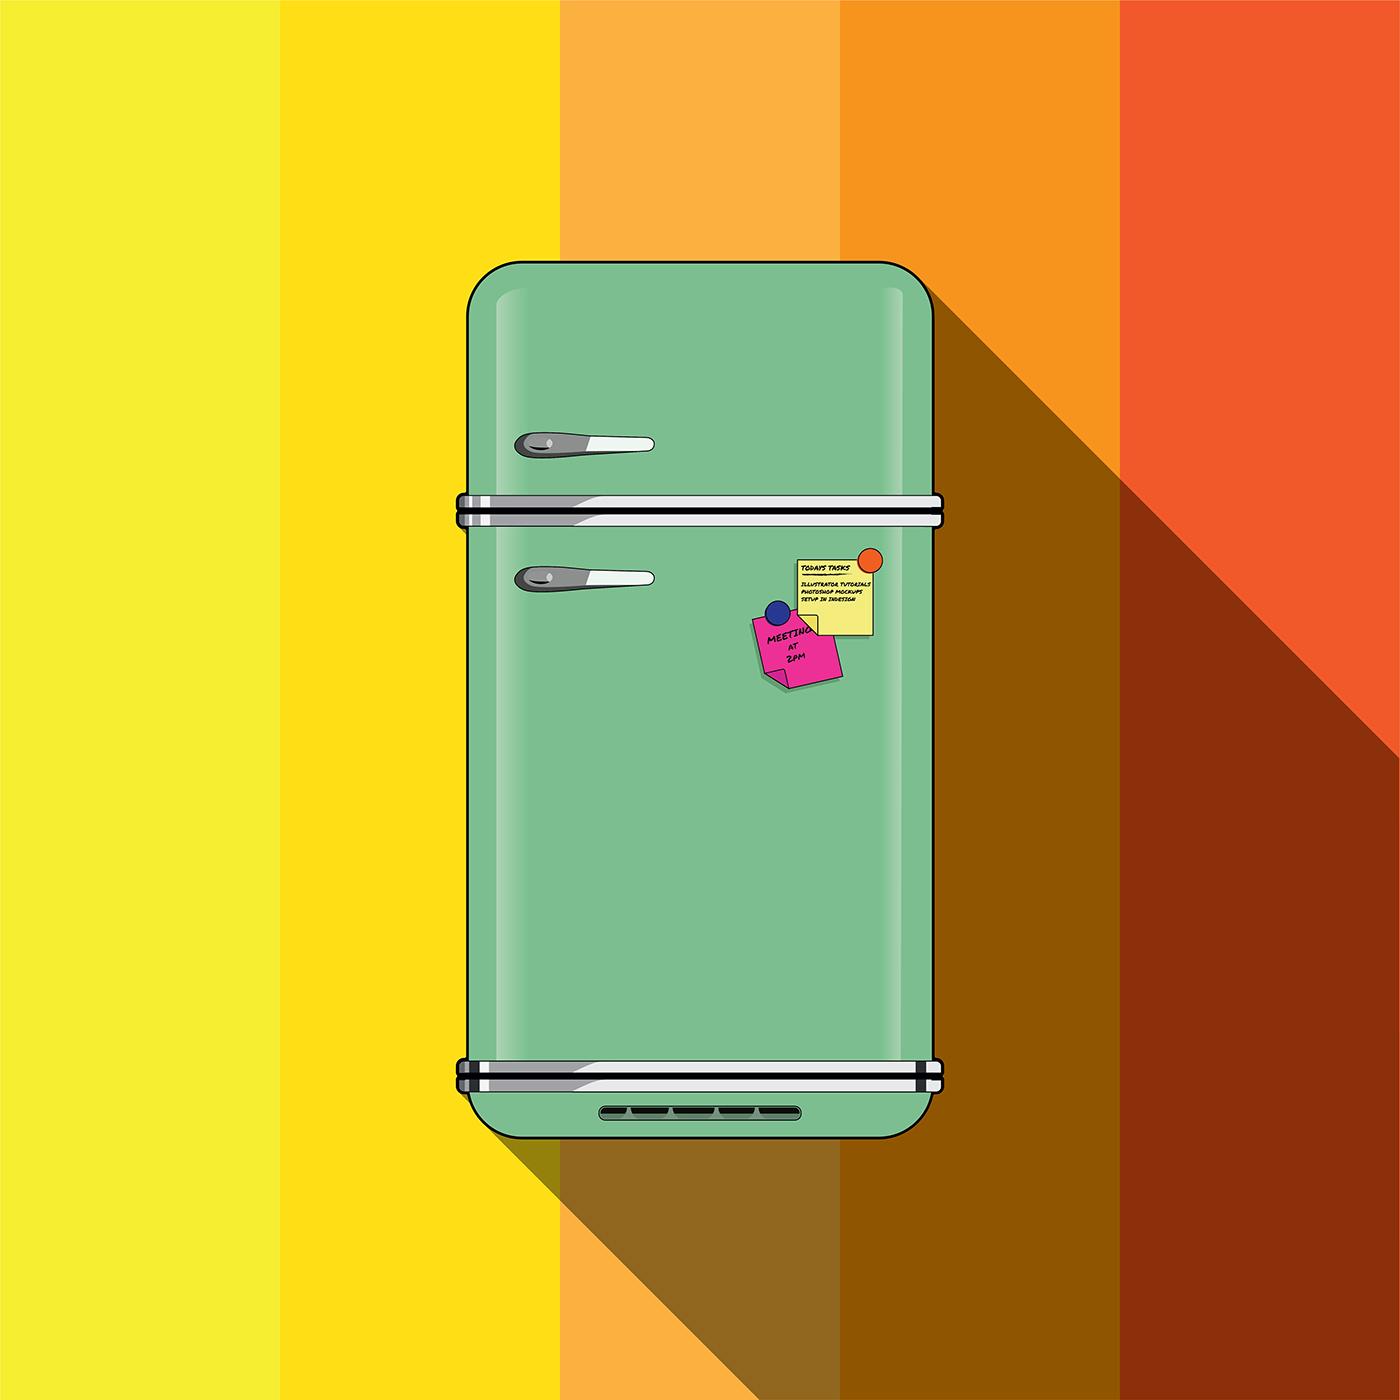 Smeg fridge on behance for Smeg fridge